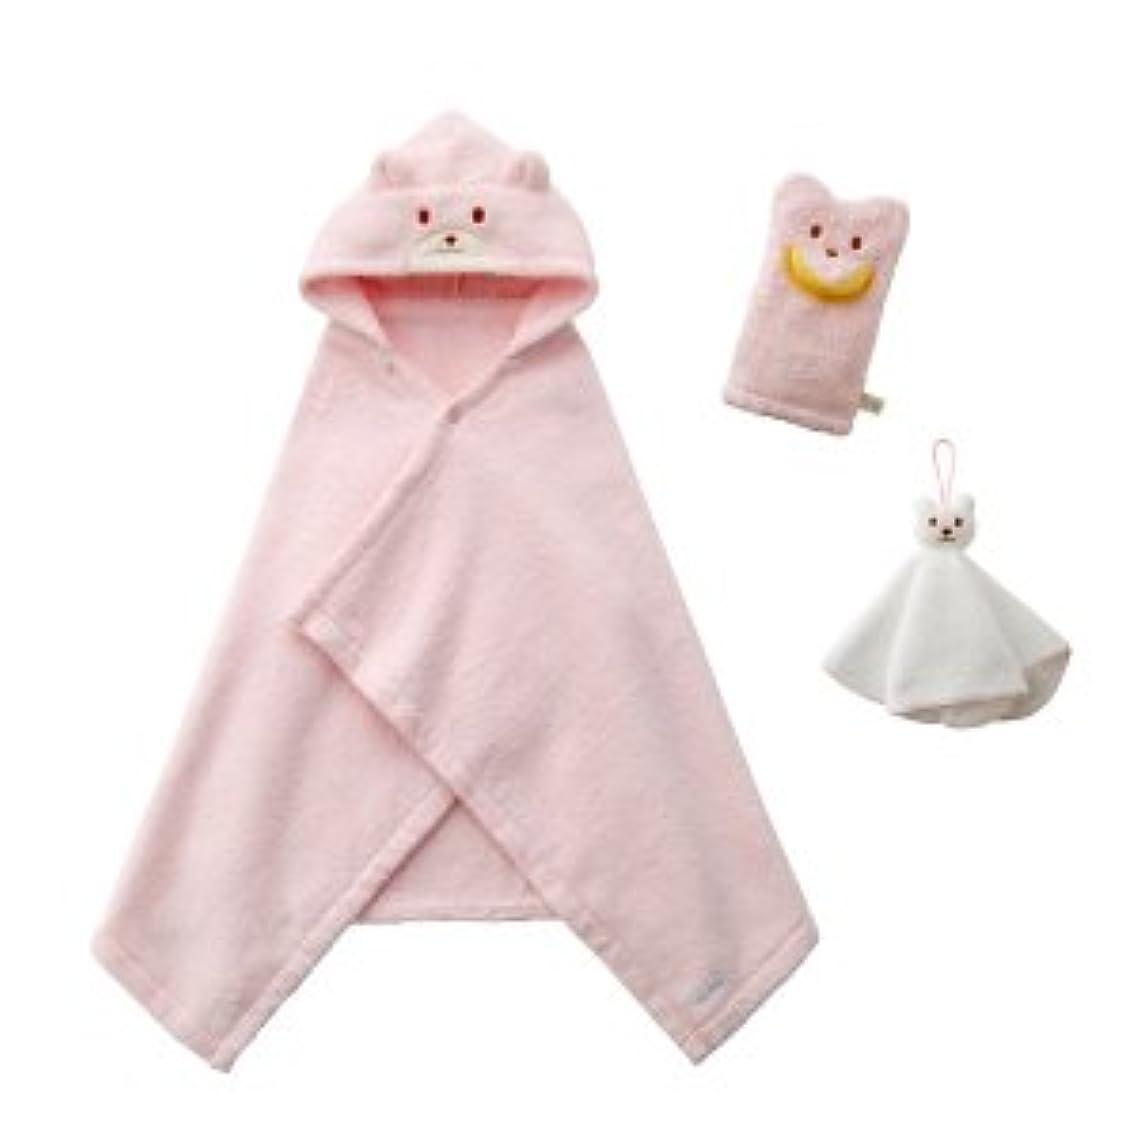 スマートブレーキ前ミキハウスファースト(MIKIHOUSE) ベビーバスポンチョ 出産お祝セット ピンク(08)